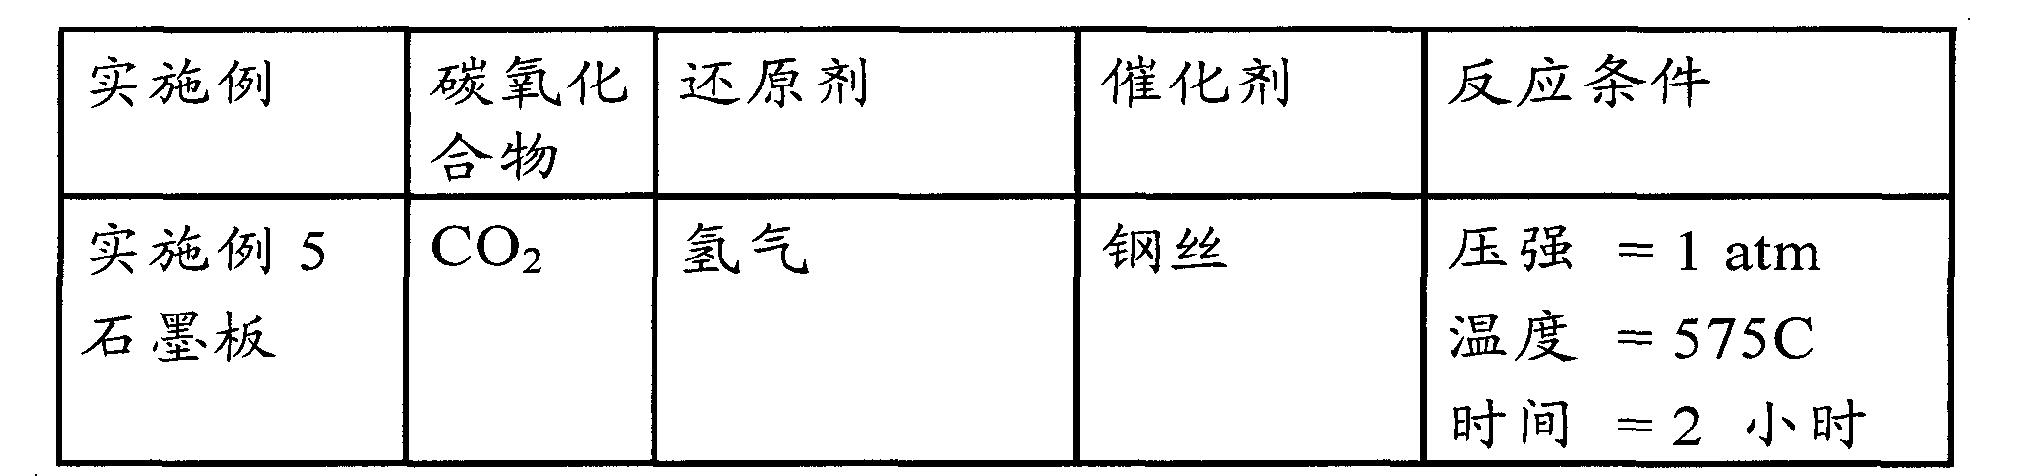 Figure CN102459727BD00252